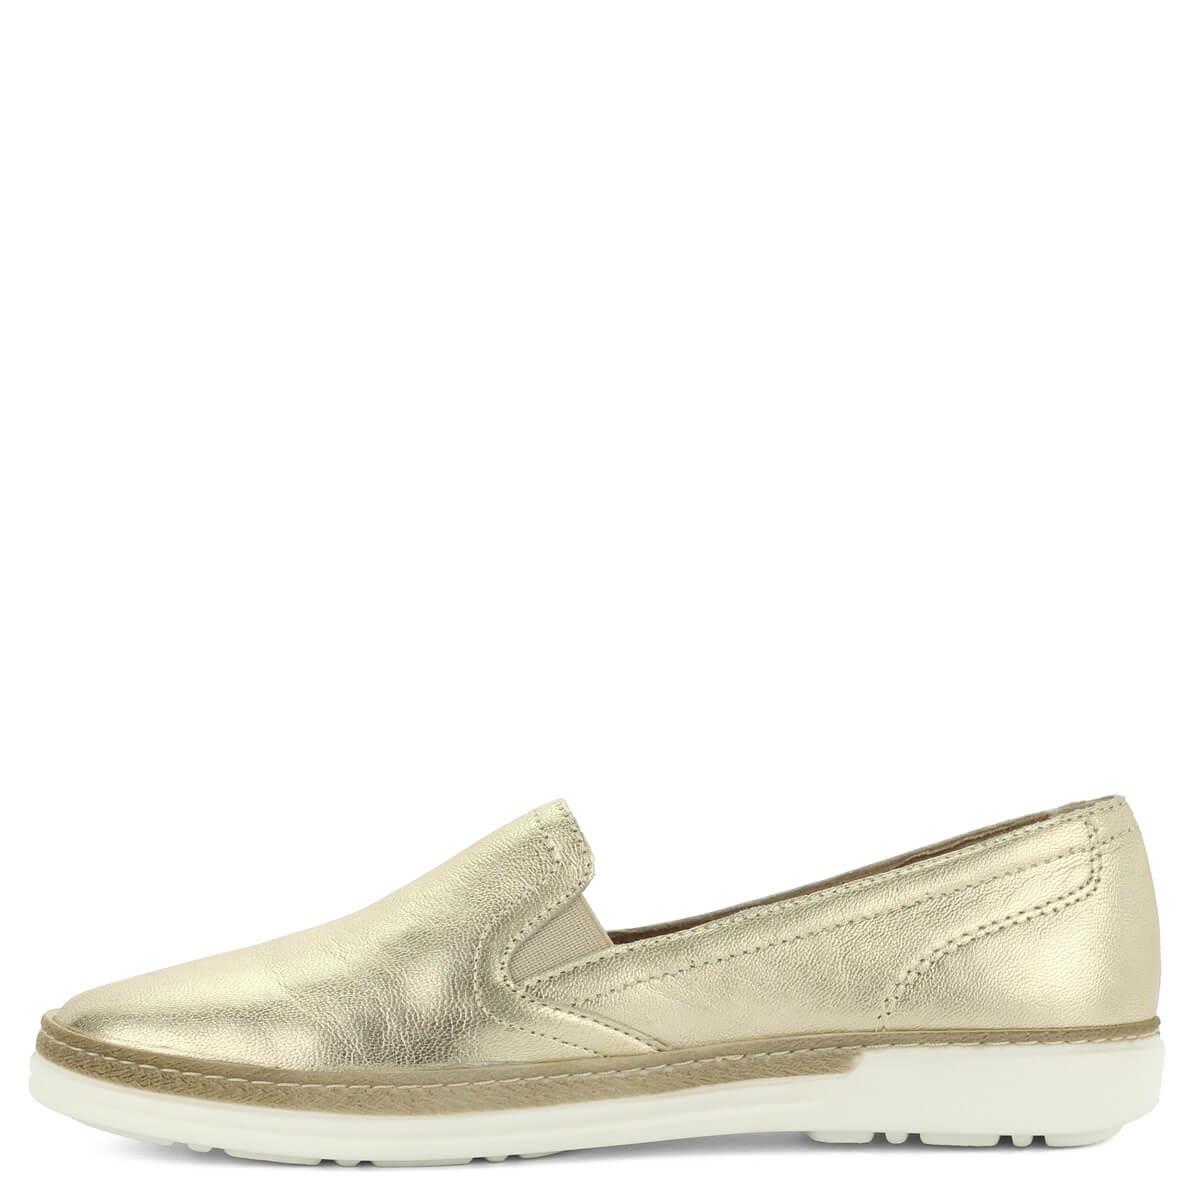 Aeros arany bőr slipon - olasz gyártású könnyű női bőr cipő 41b3a899c1